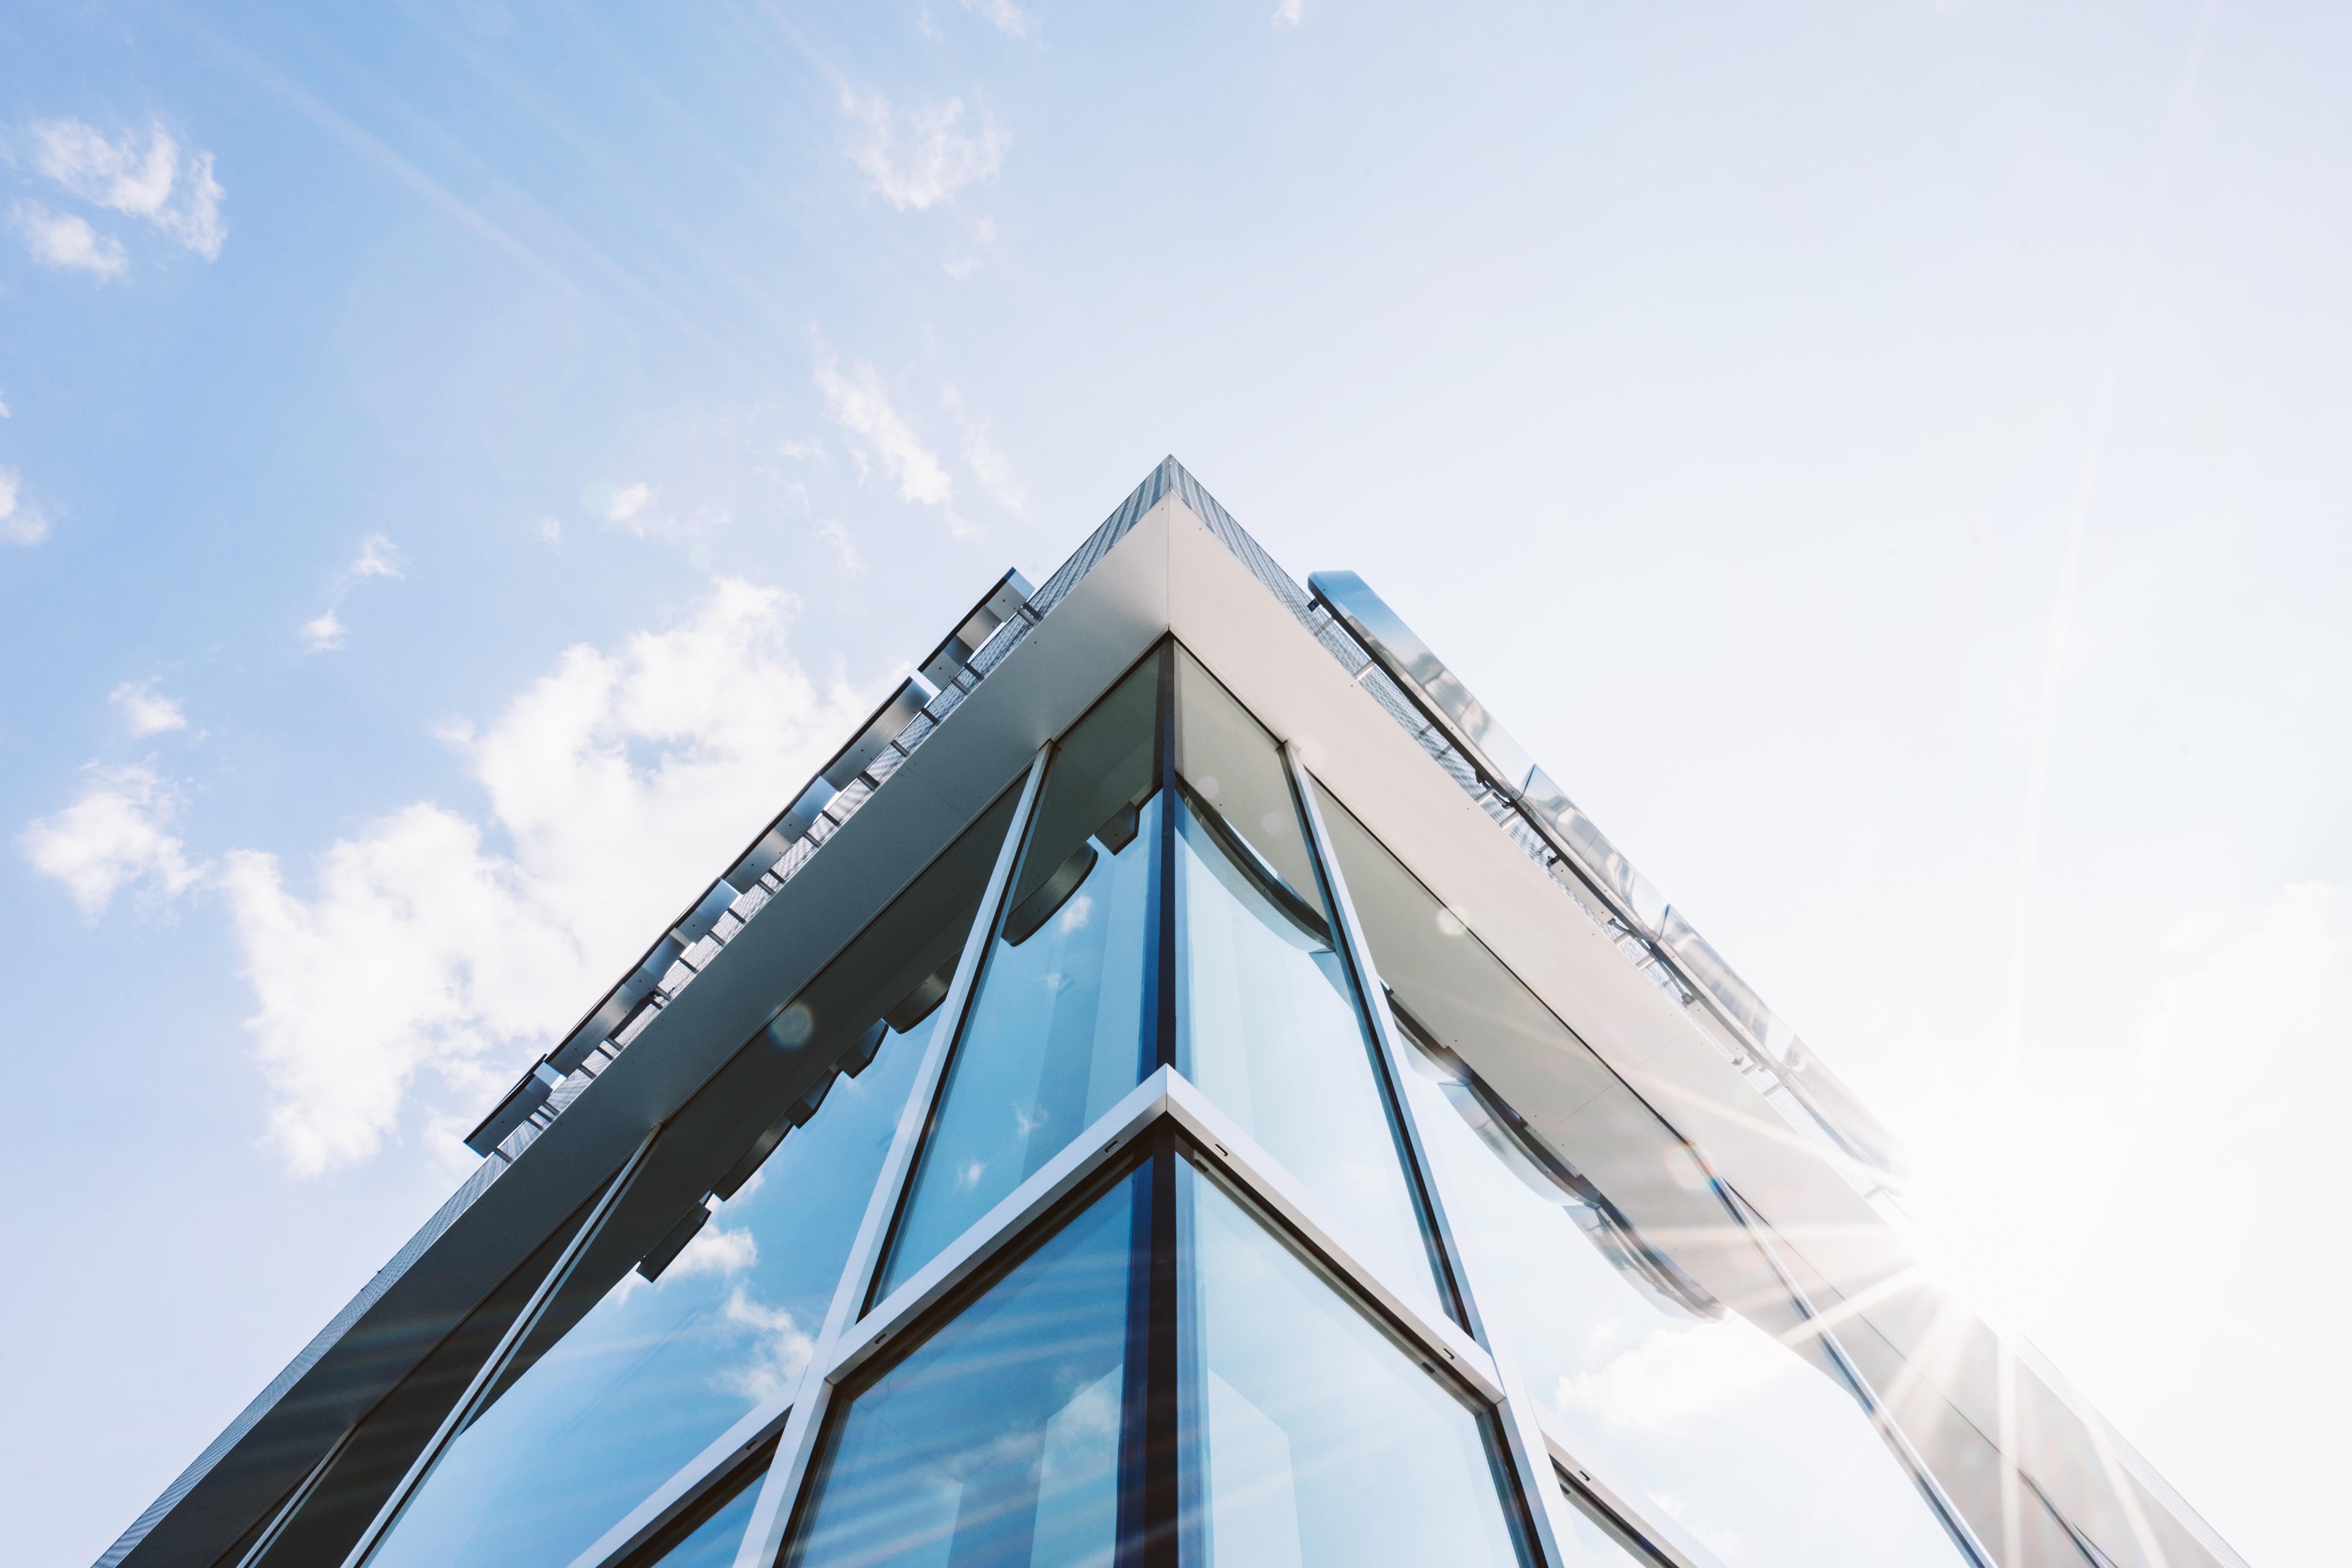 vetro-edilizia-strutturale